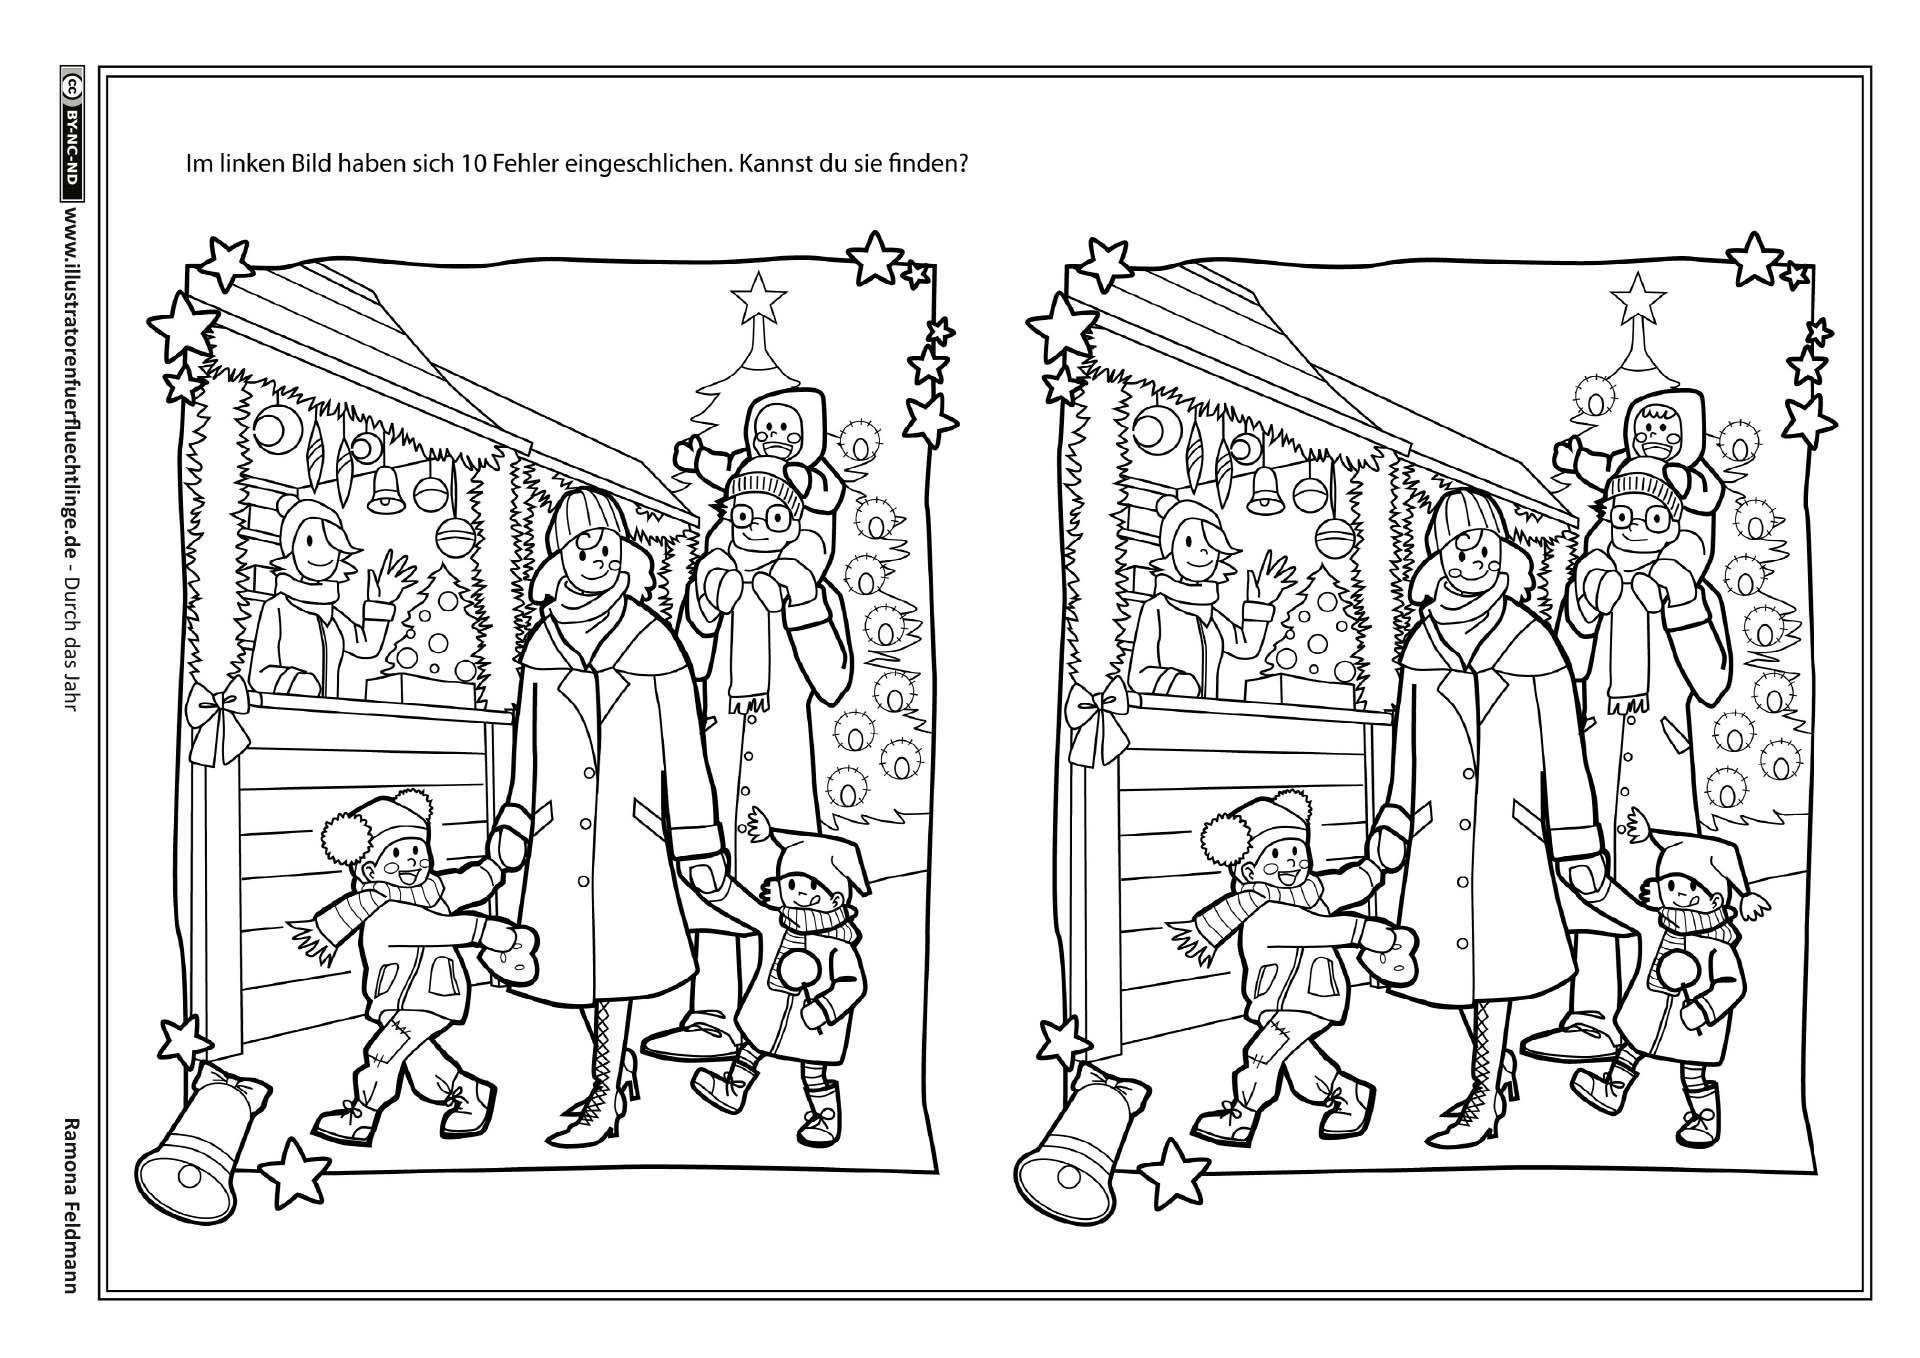 Weihnachten Fehlerbild (Mit Bildern) | Kindergarten für Weihnachtsrätsel Für Kindergartenkinder